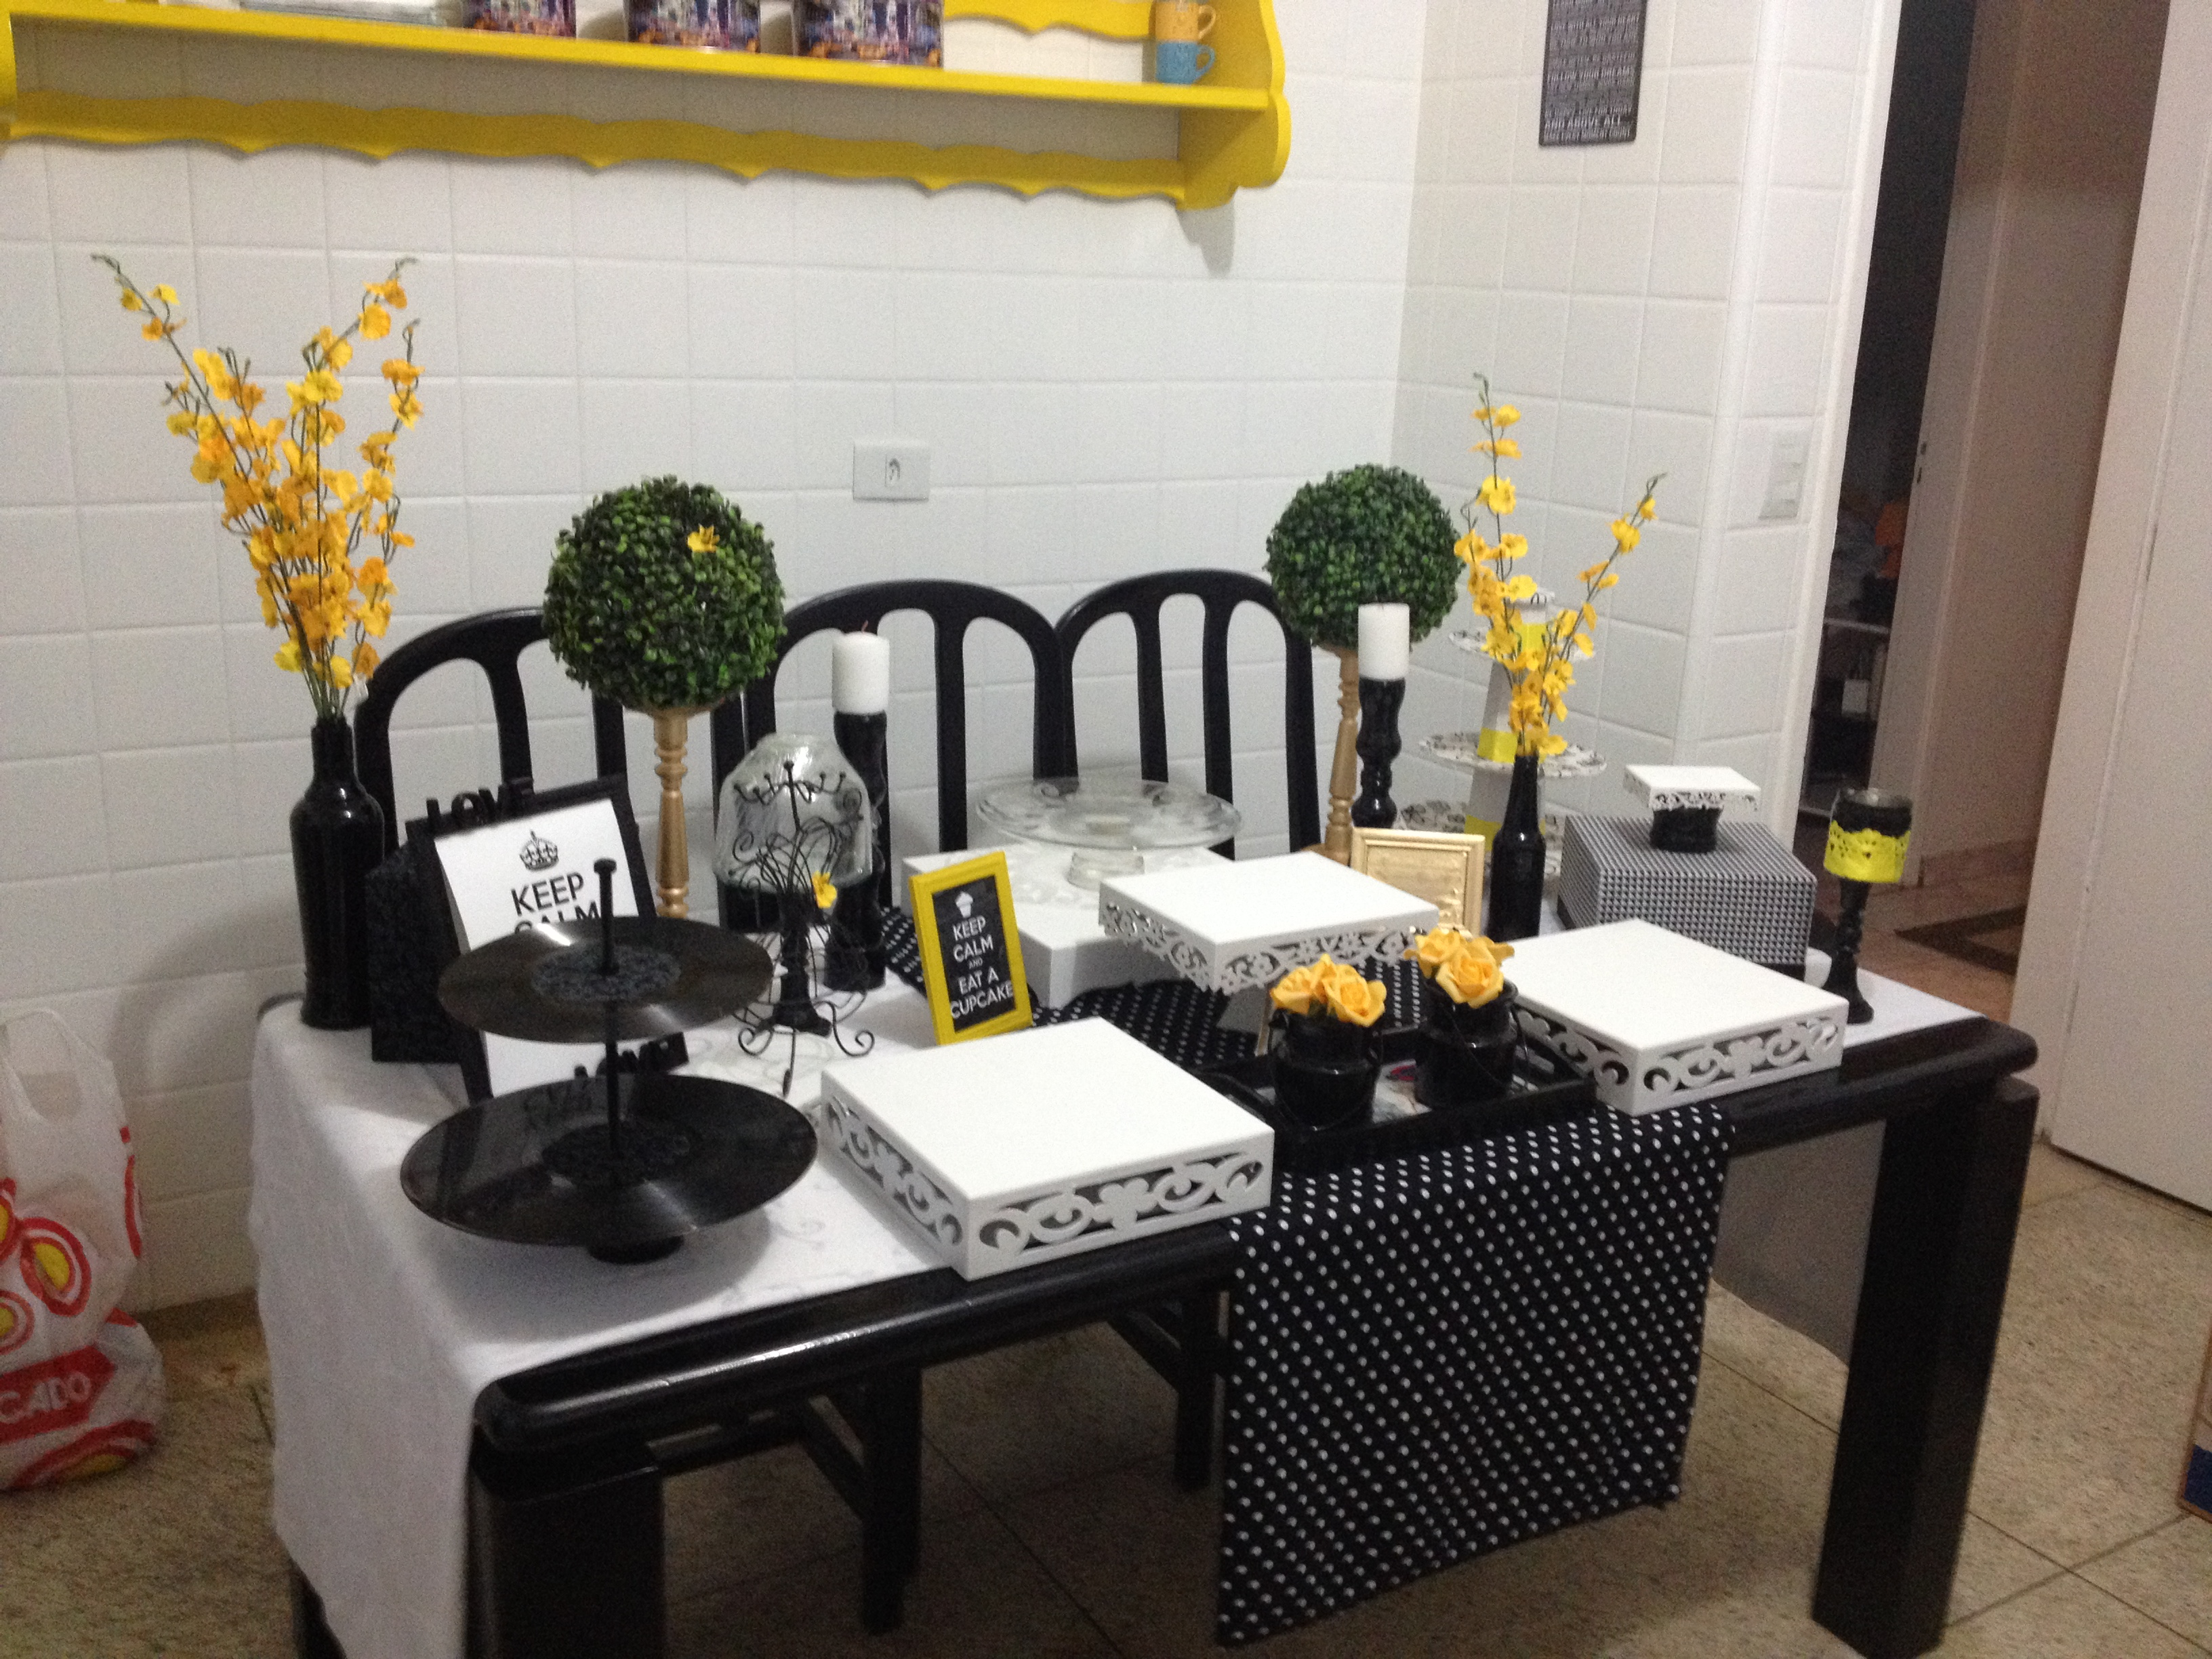 decoracao festa amarelo e preto festa decoracao festa amarelo e preto